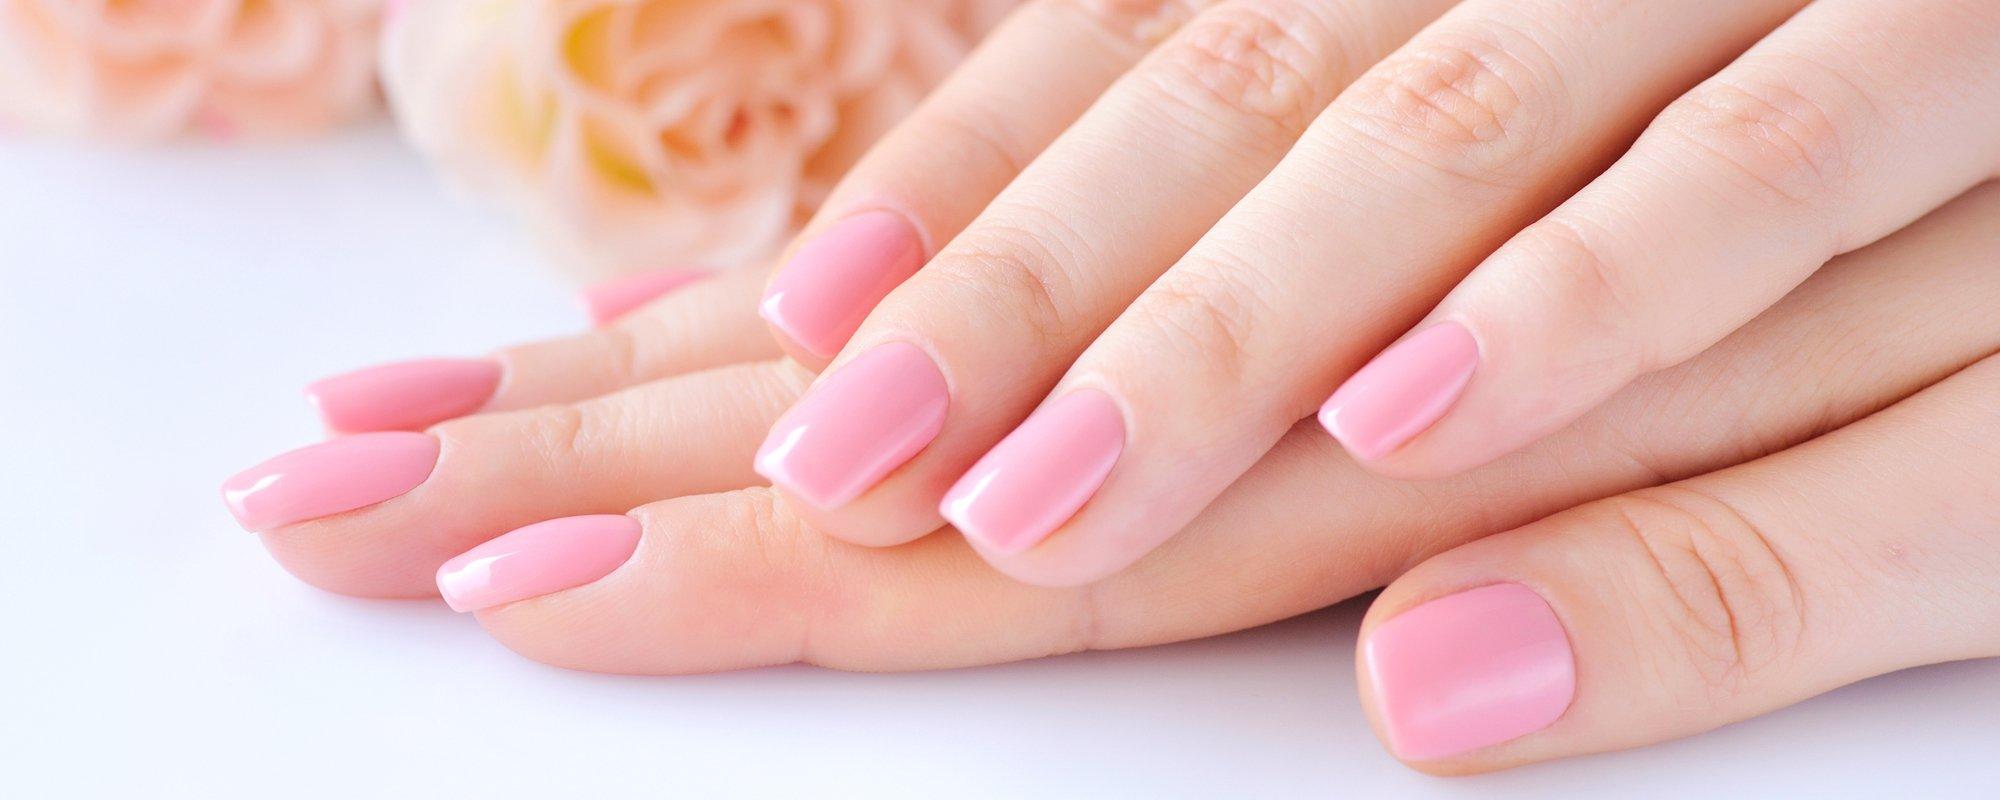 Ricostruzione unghie con smalto semipermanente color rosa chiaro